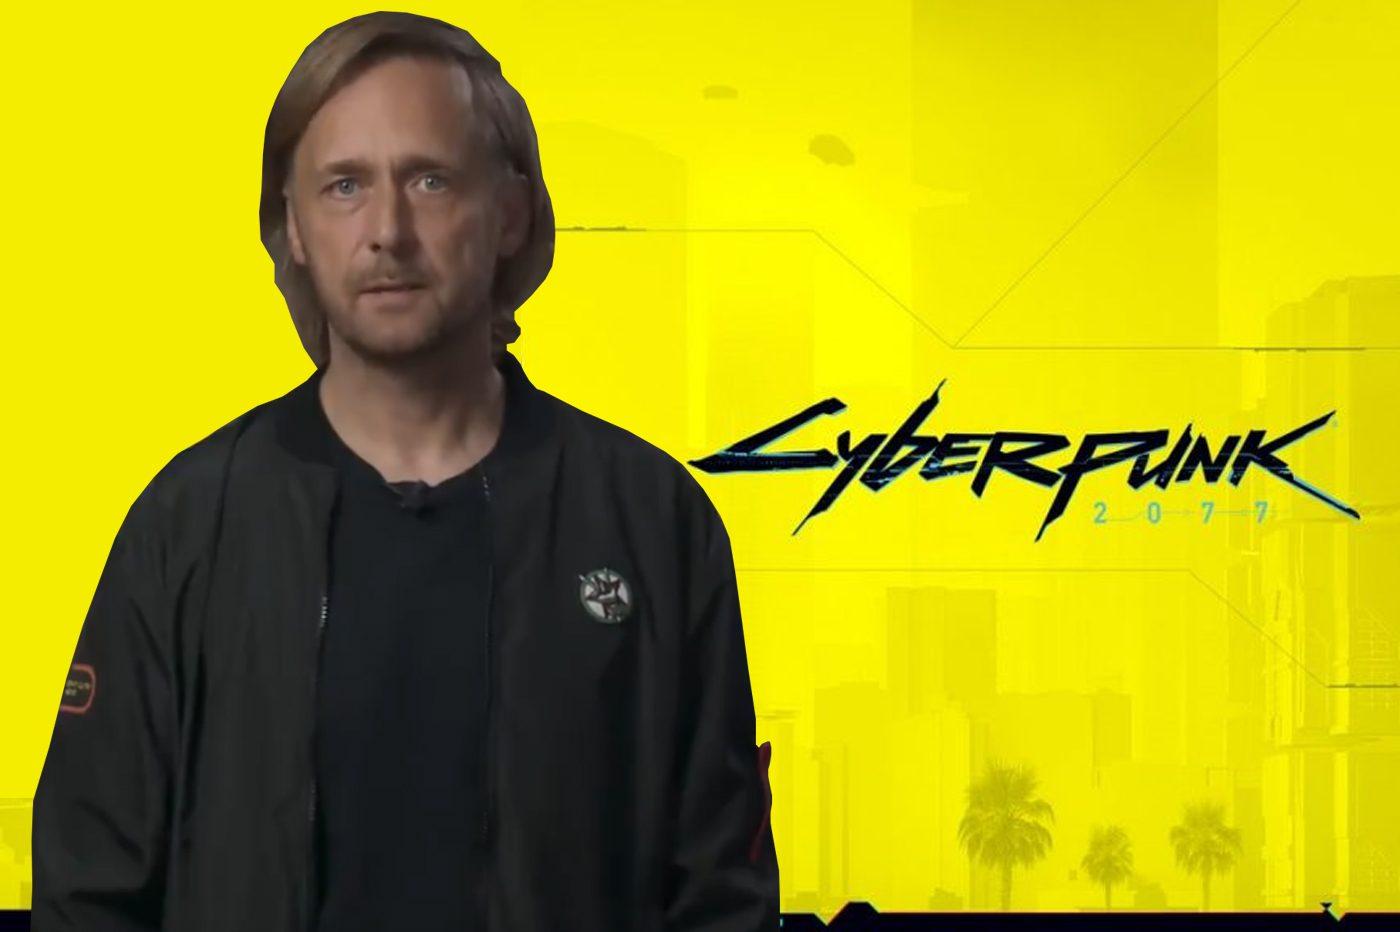 Co-Fondateur CD Projekt Red Cyber Punk 2077 Excuses